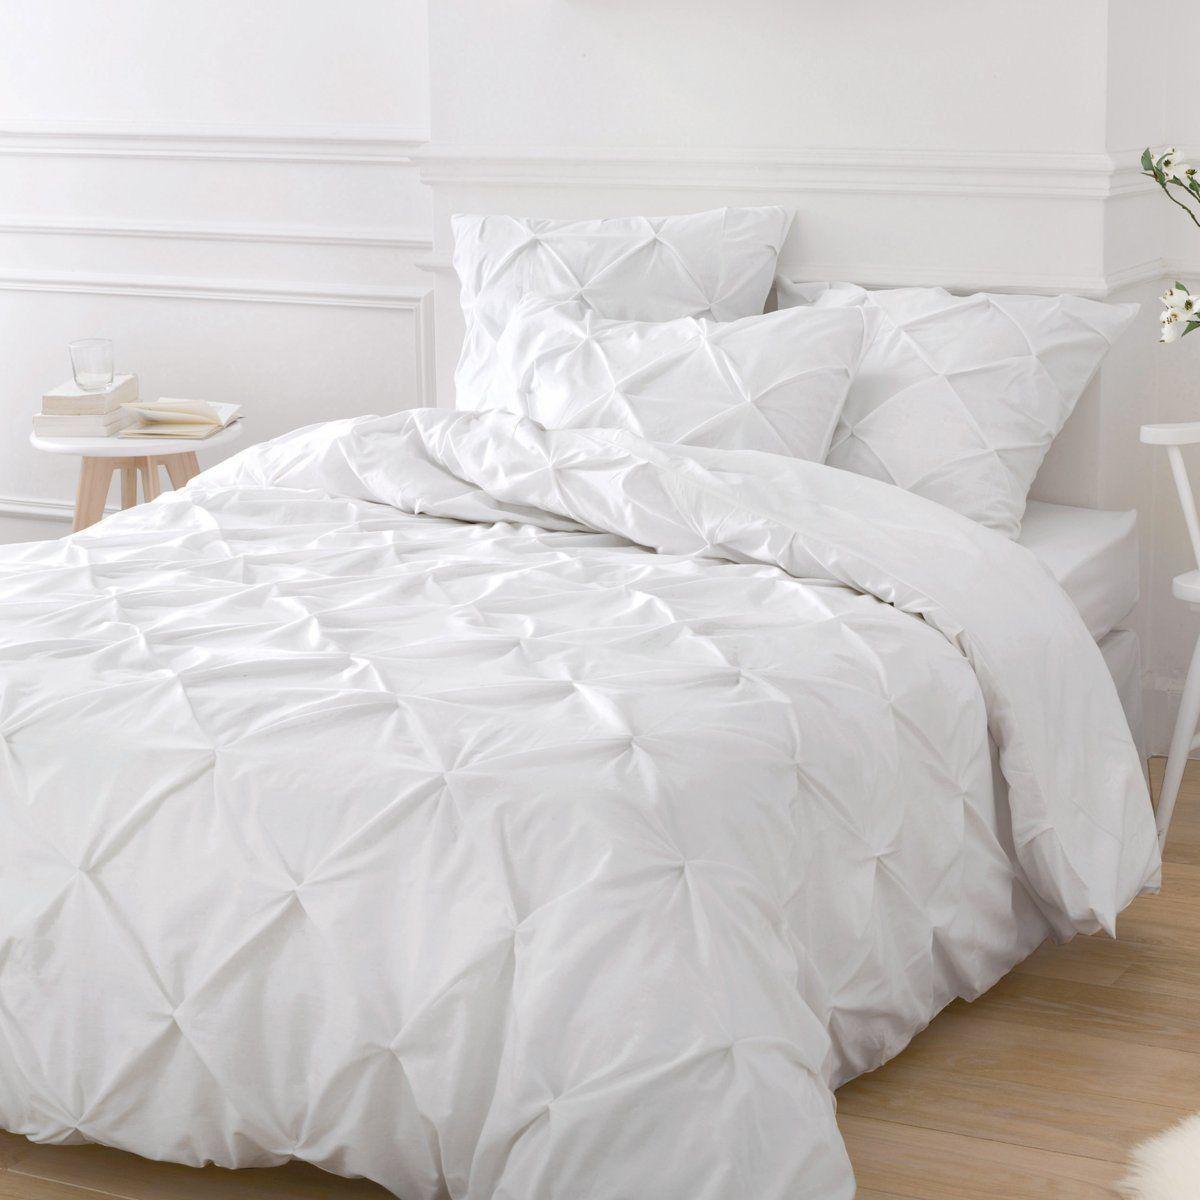 housse de couette blanche d coration cuivre or rose et marbre pinterest couette housse. Black Bedroom Furniture Sets. Home Design Ideas